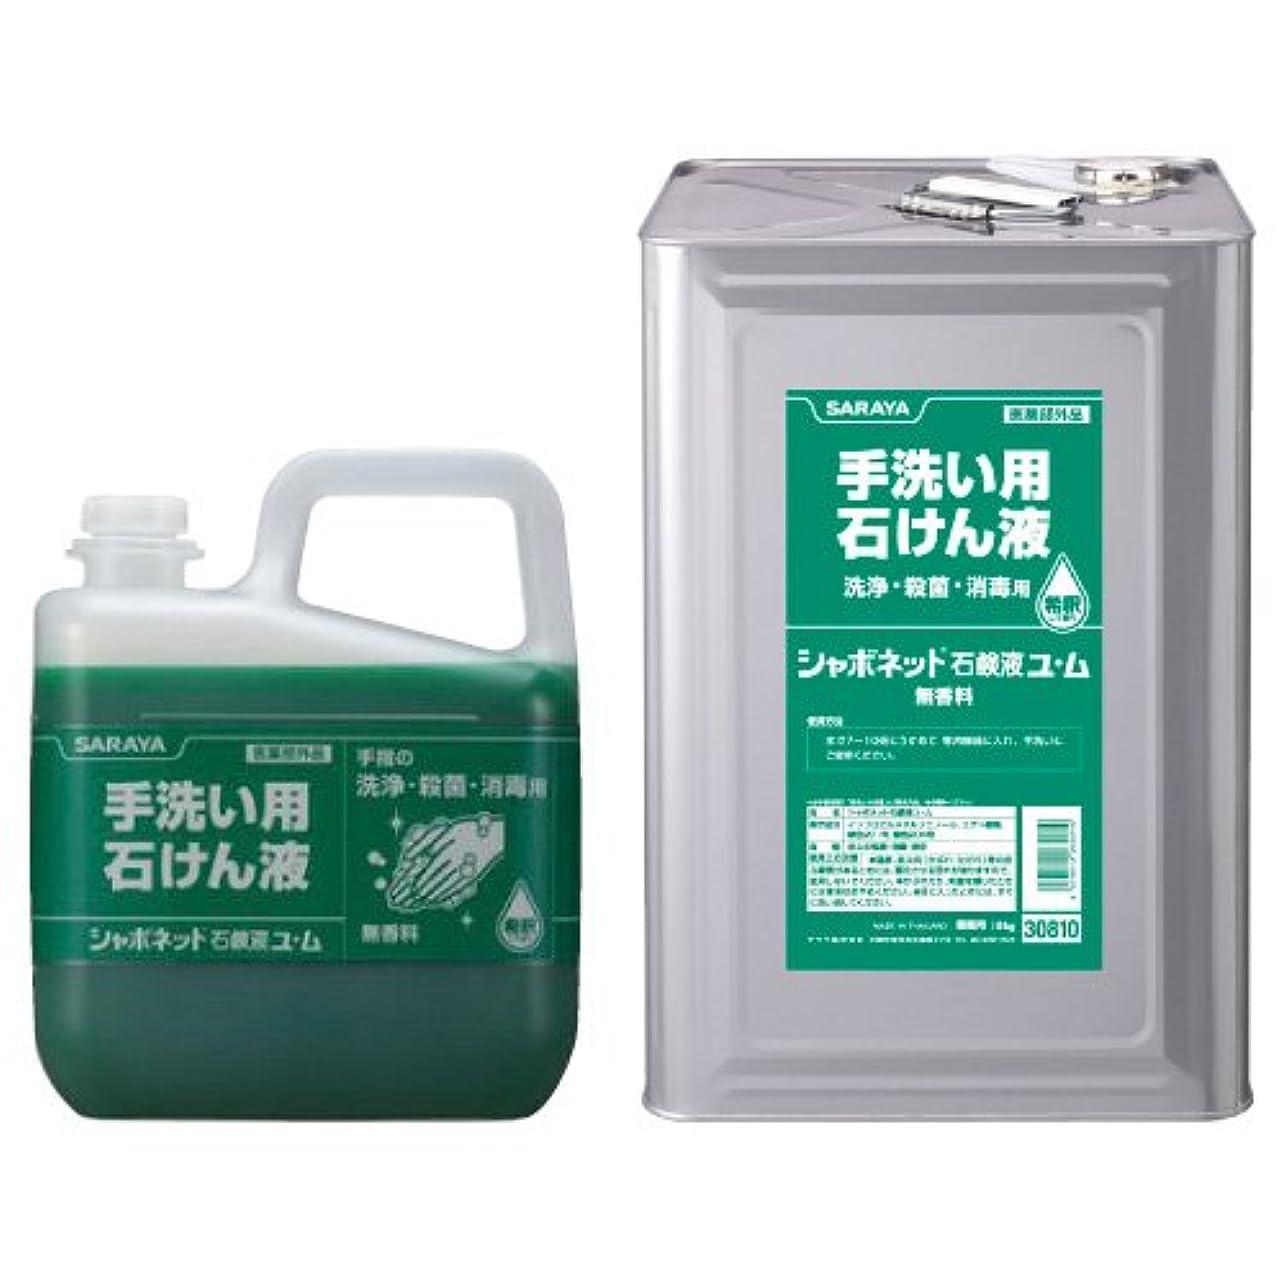 きれいに保持する成分サラヤ シャボネット石鹸液ユ?ム 5kg×3本